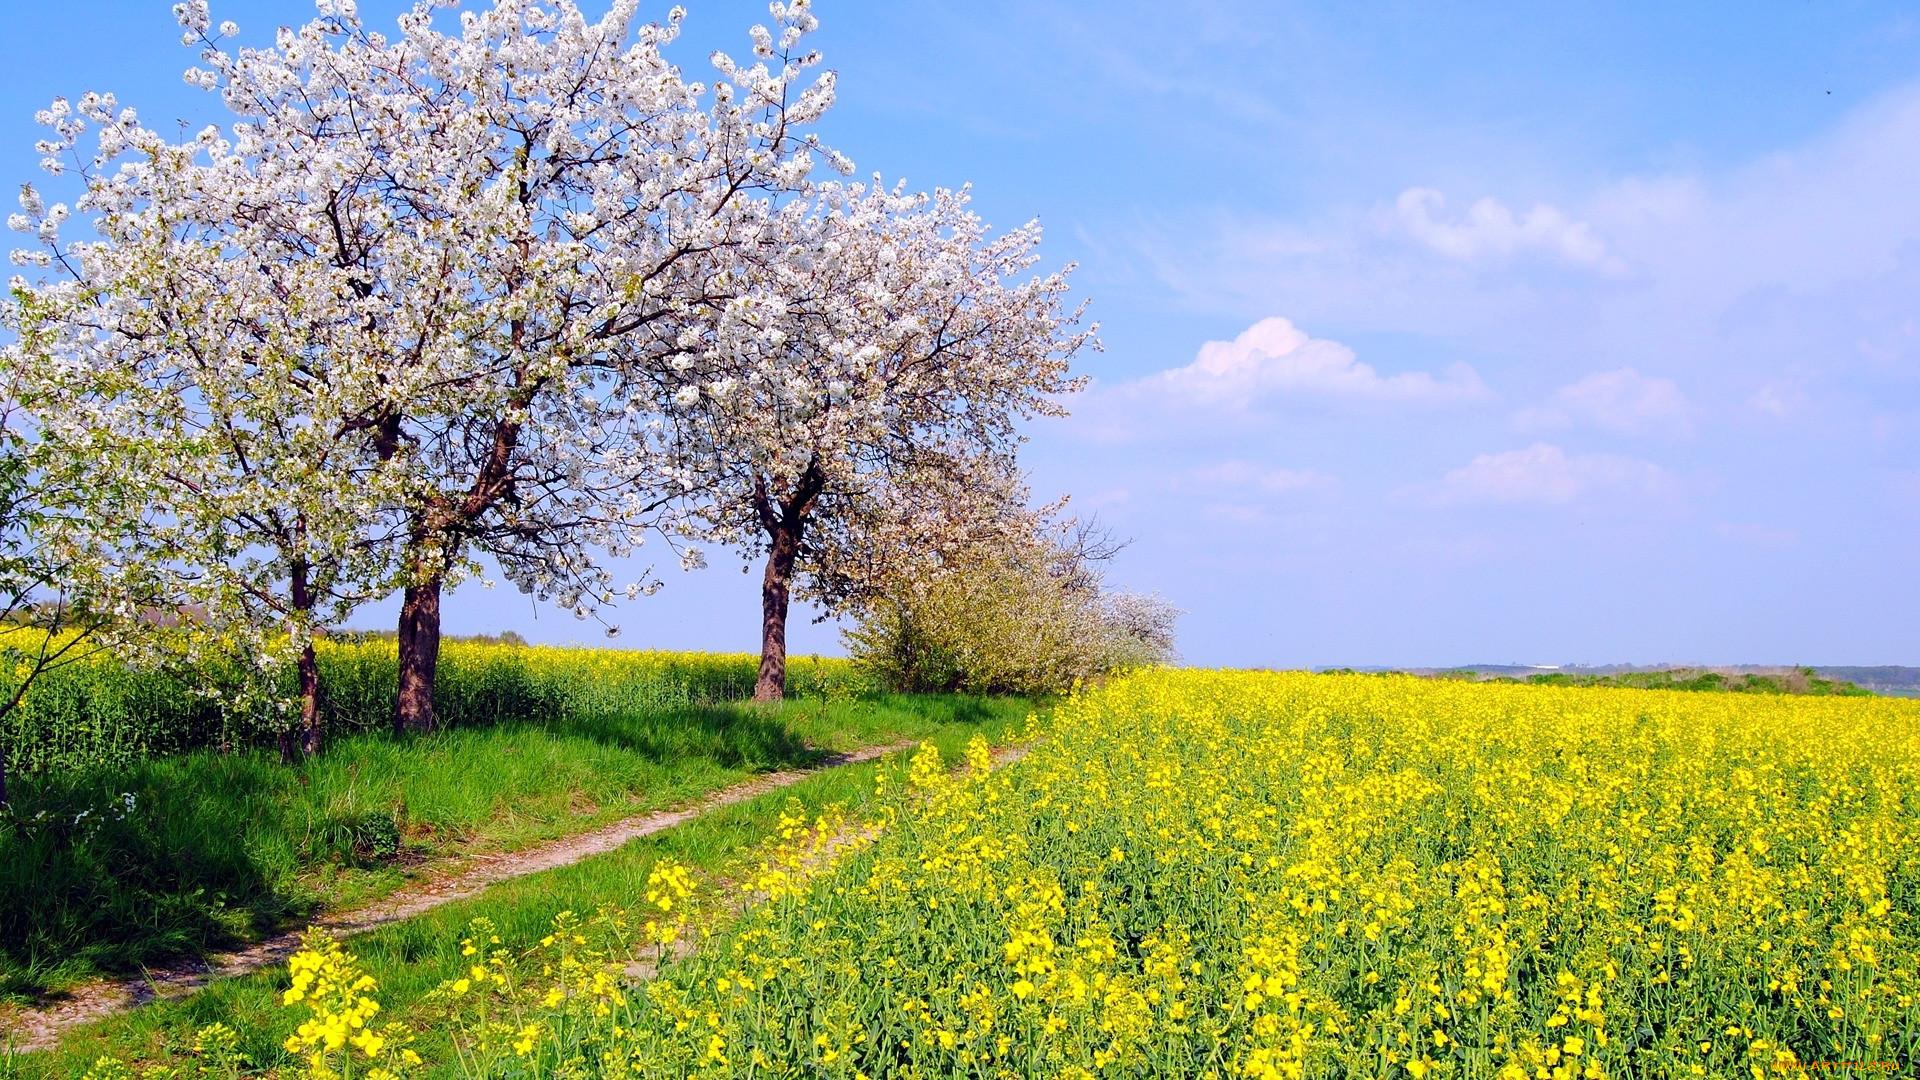 время картинки красивые природа весна и лето разглядываемый через